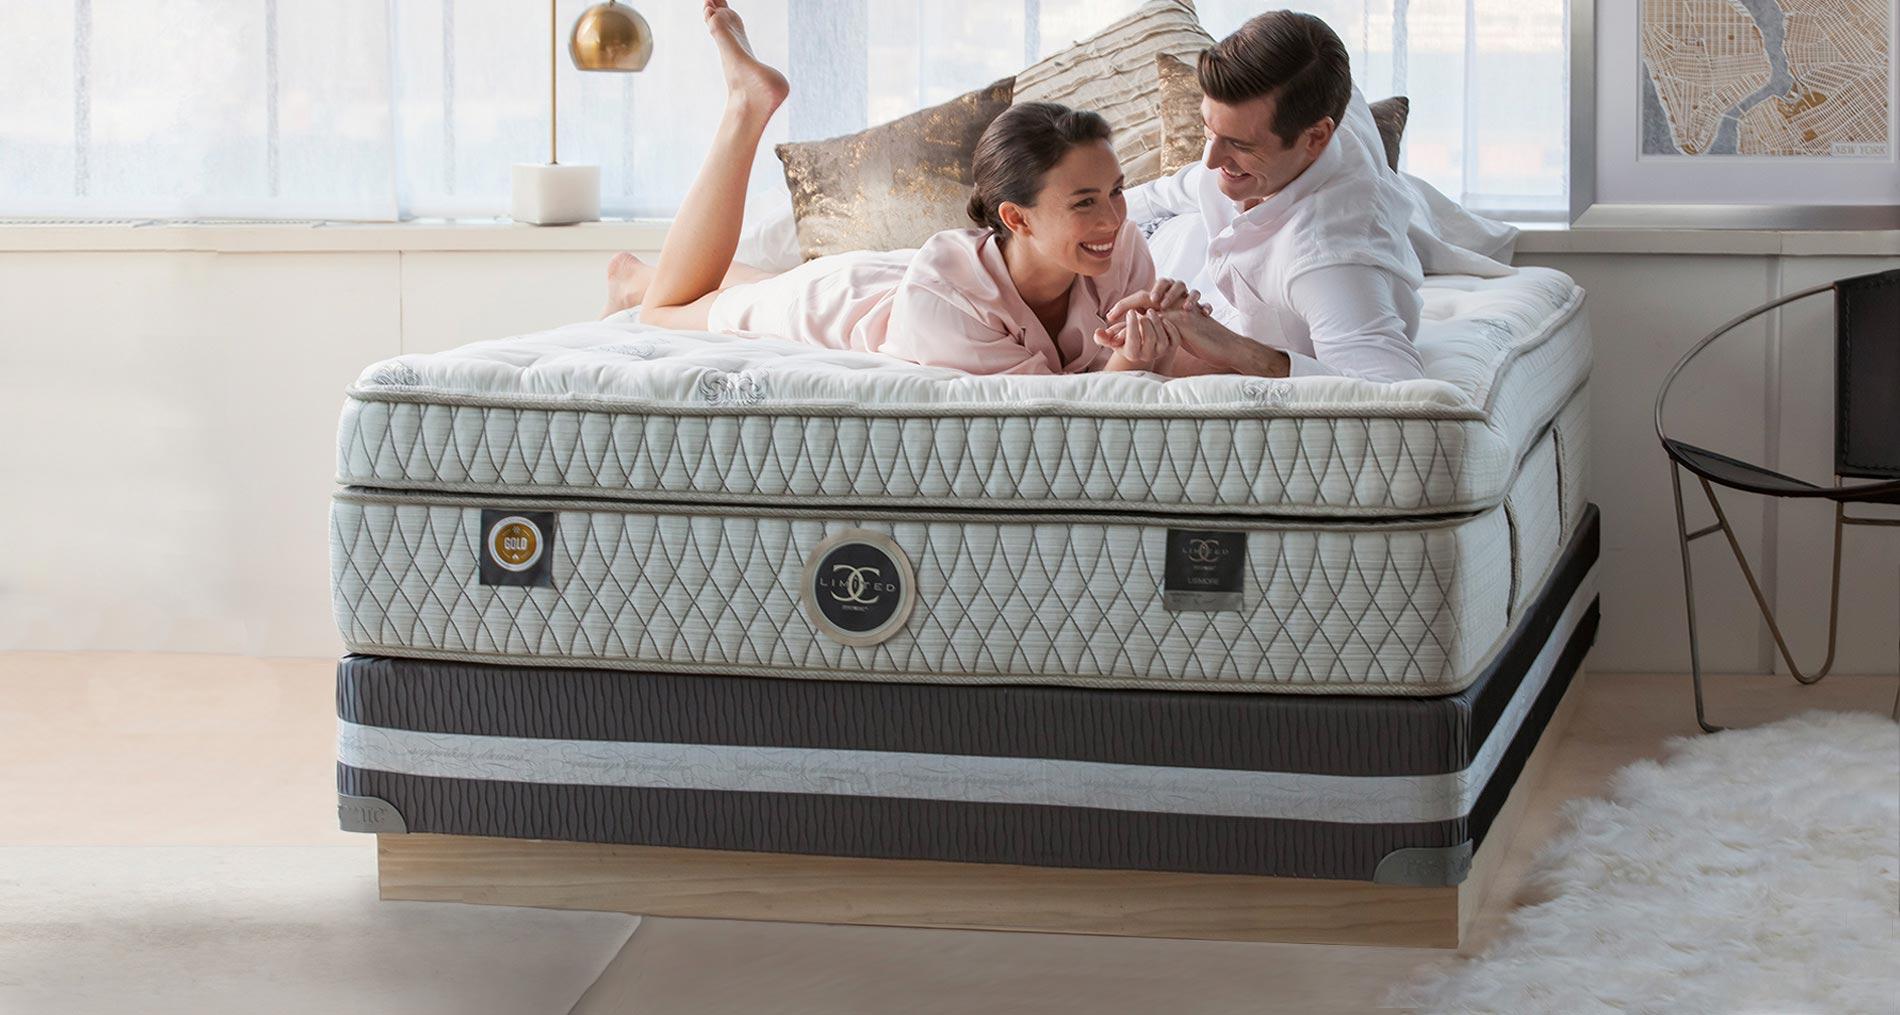 Matratzenkauf - Ist Boxspringbett die richtige Matratze für Sie?